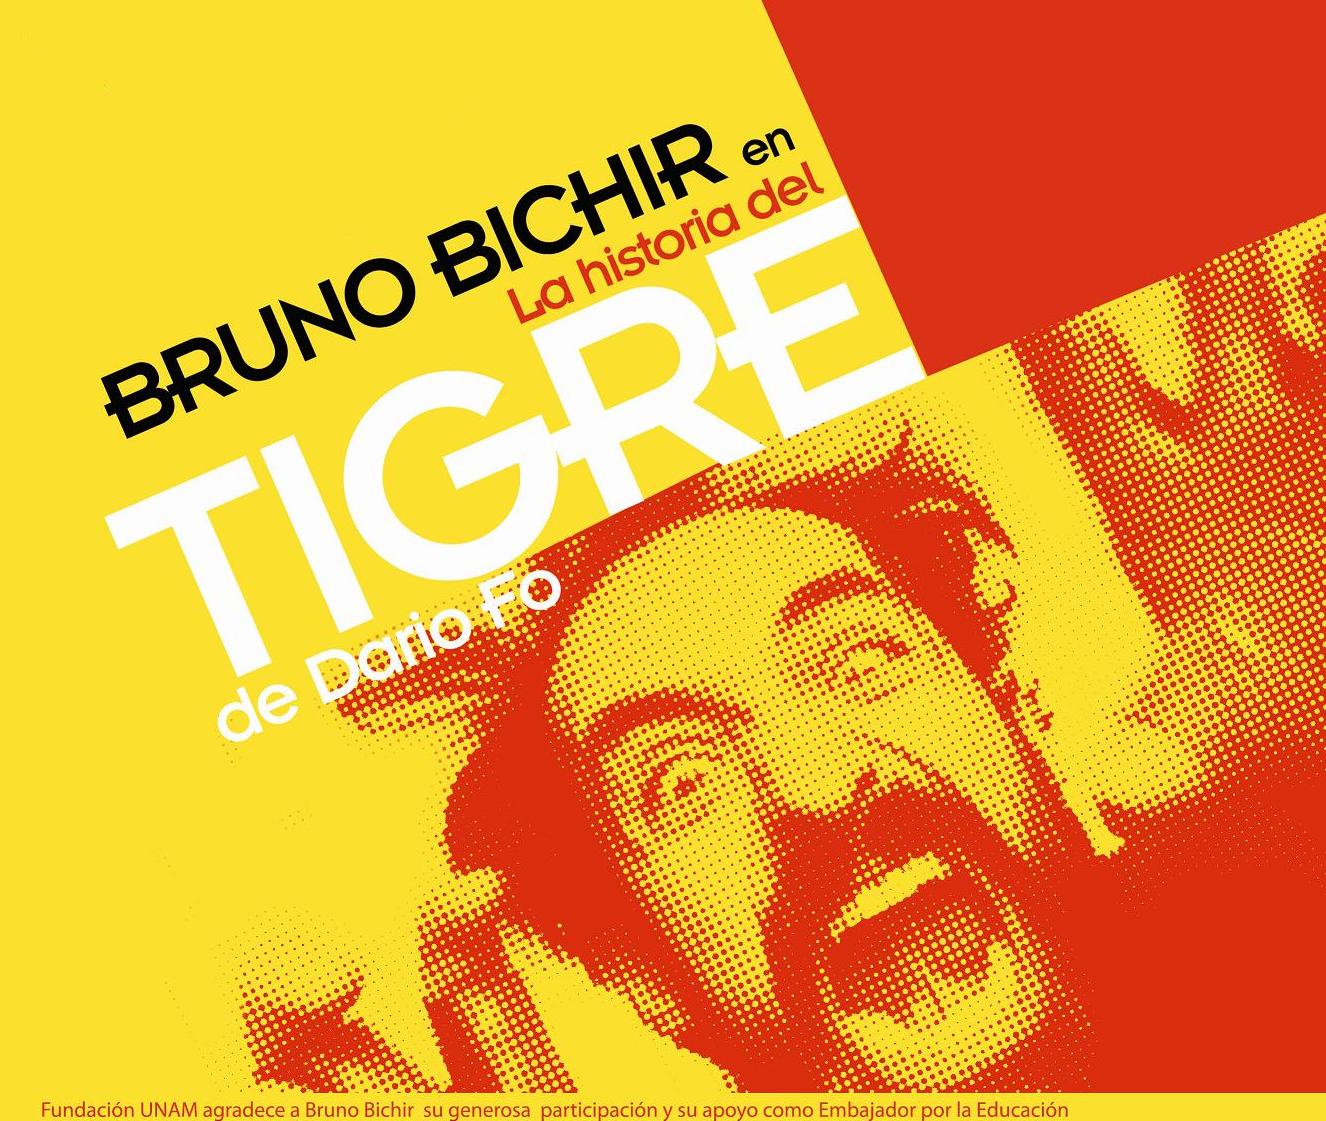 Bruno Bichir y la UNAM en favor de la educación profesional y cultural